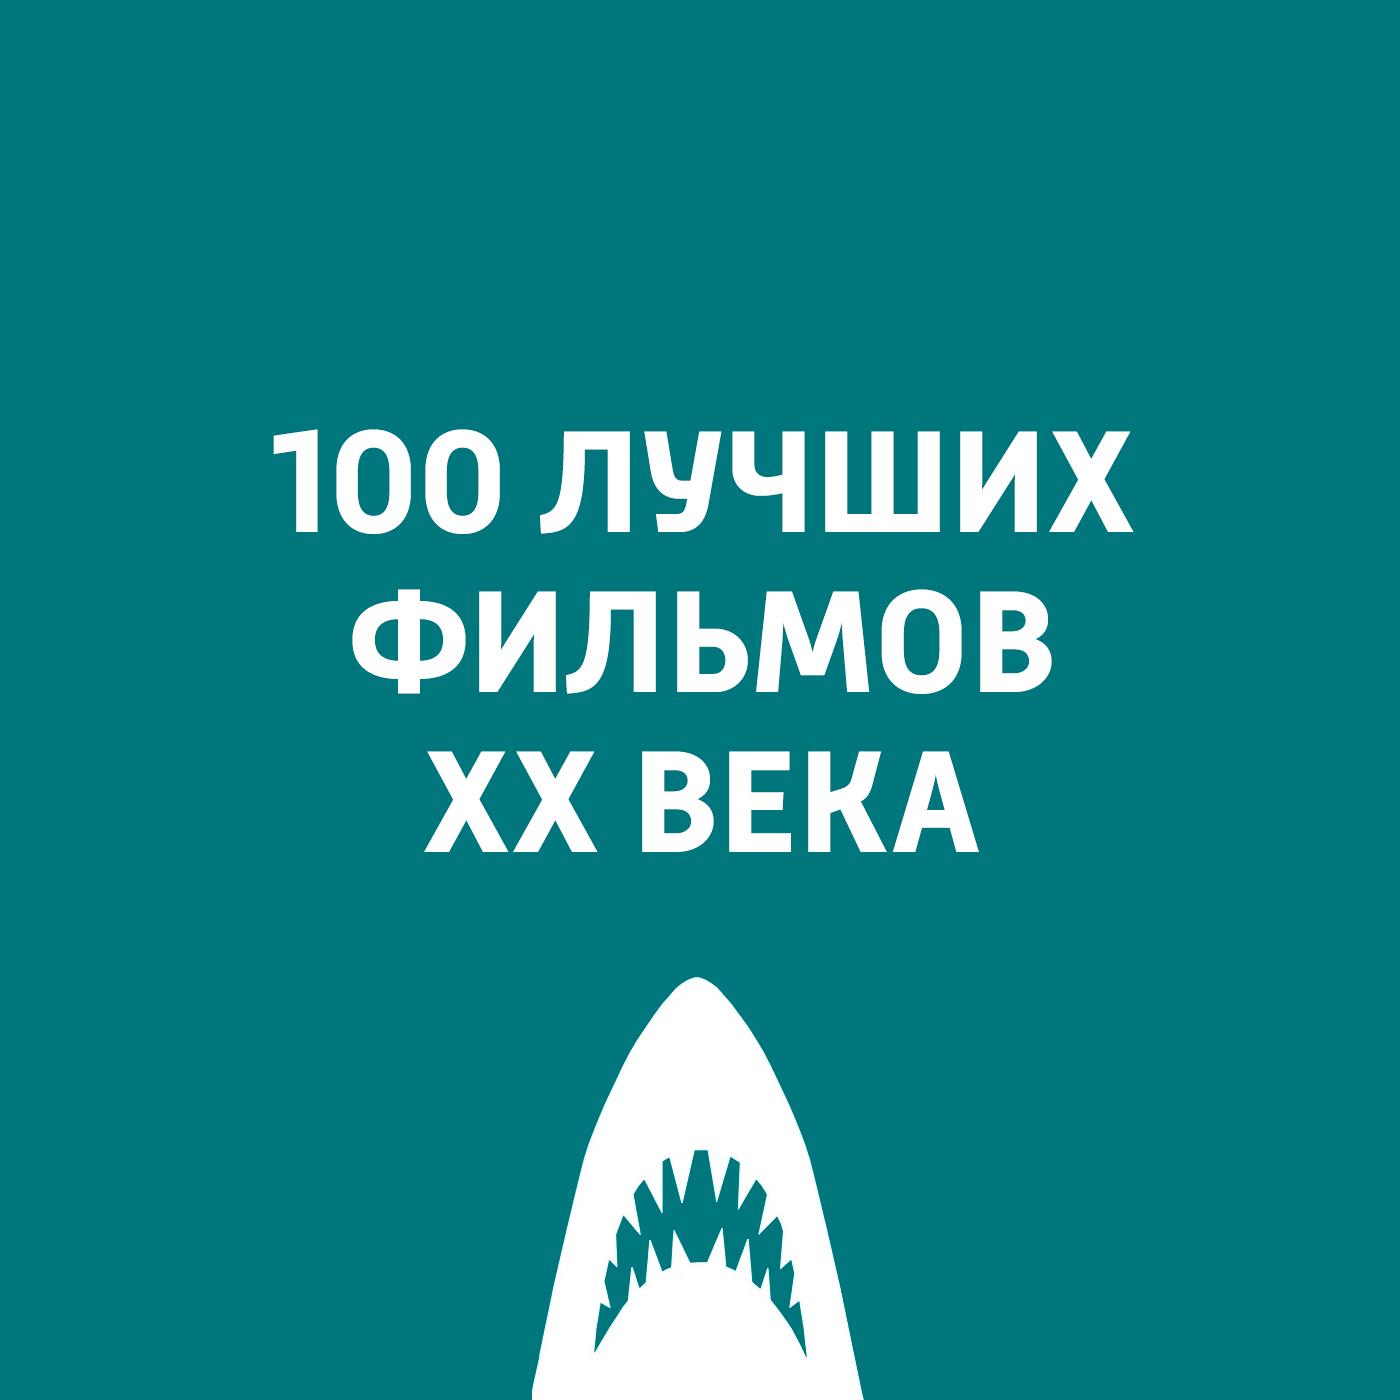 Антон Долин Иван Грозный антон долин форс мажор мстители 2 эра альтрона